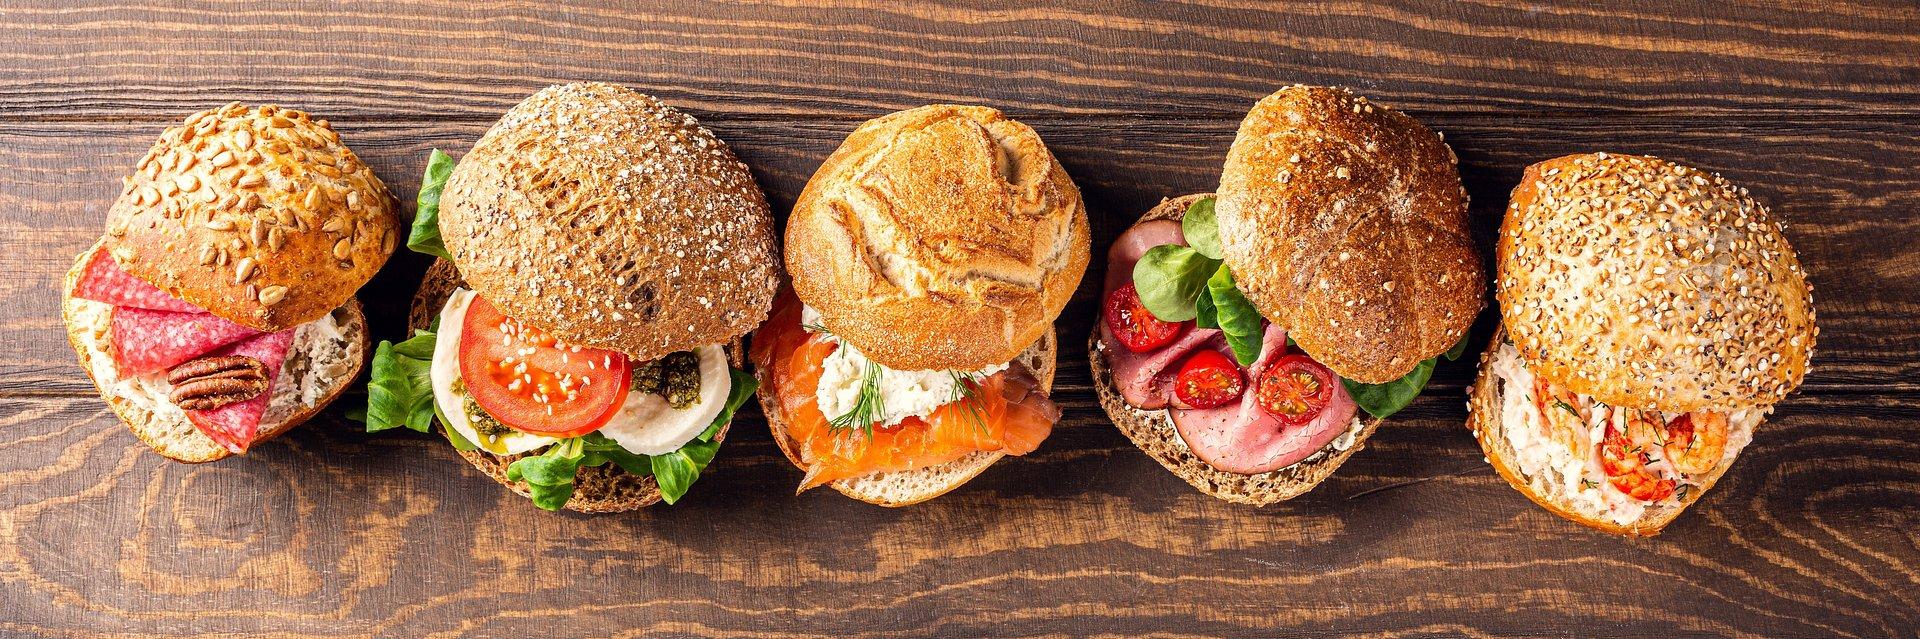 Masz dość chleba i bułek? Prezentujemy 3 pyszne zamienniki pieczywa